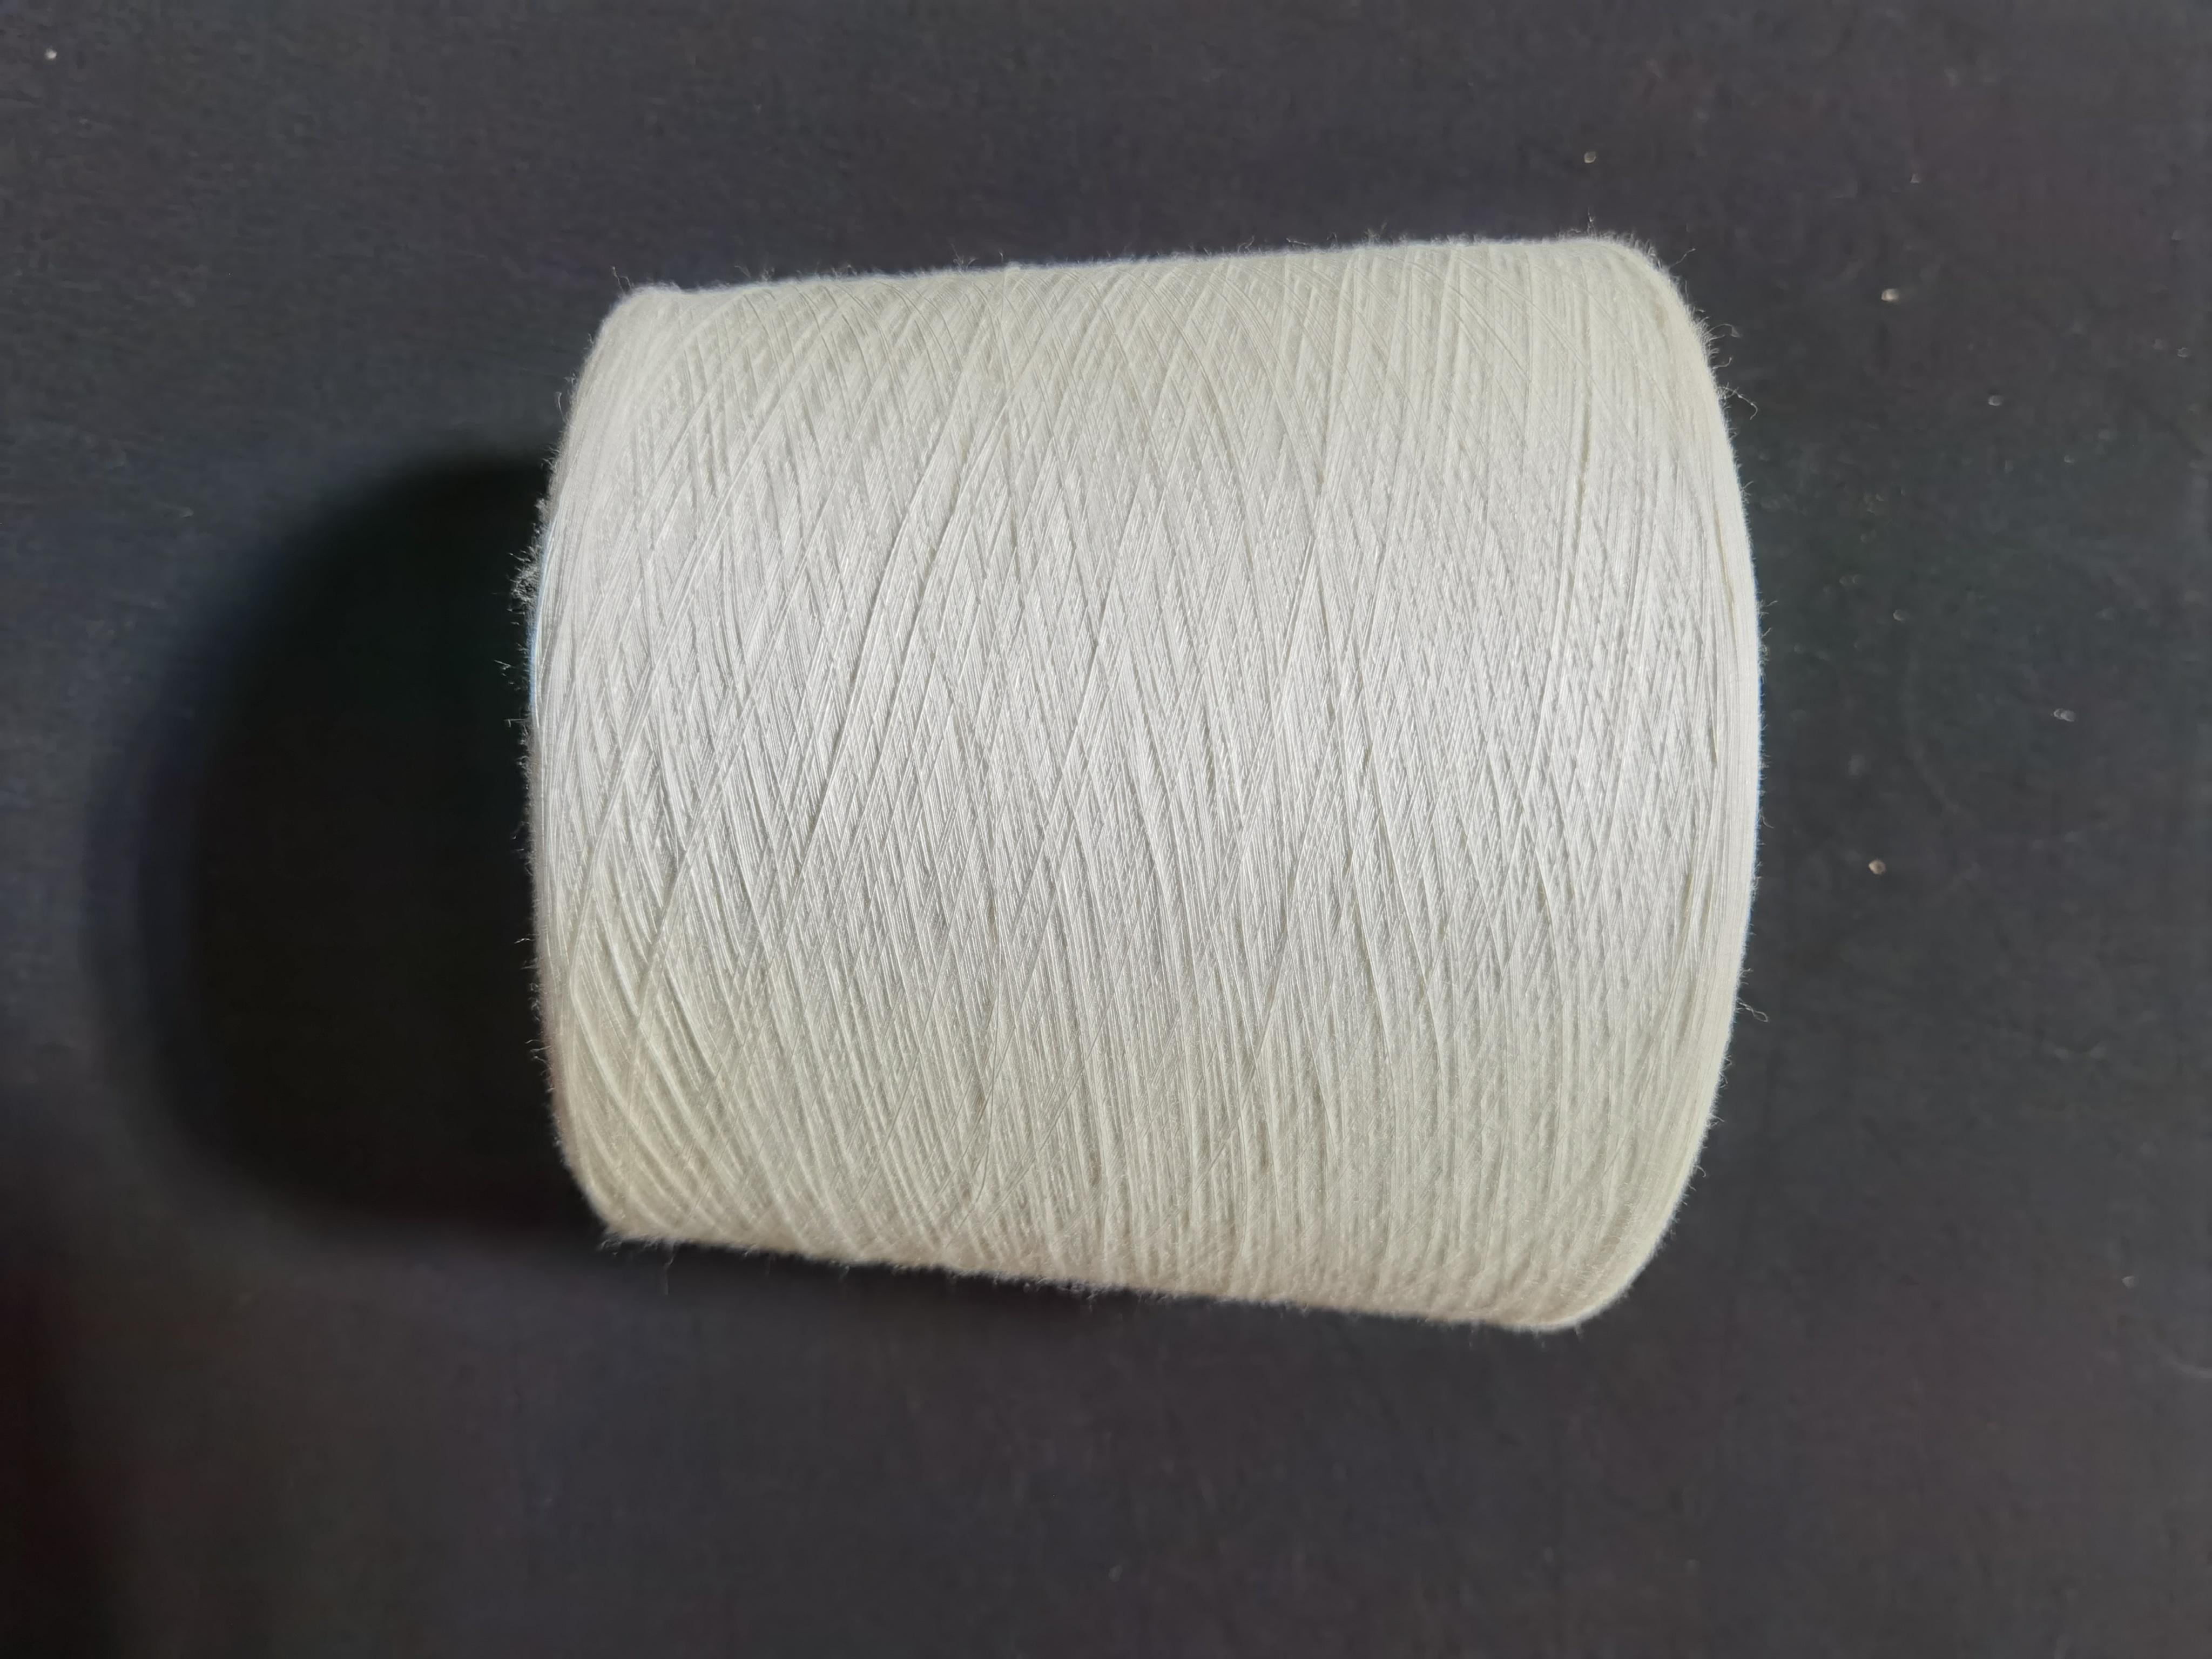 Оптовая продажа с фабрики, дешевая кольцевая пряжа из вискозы, вискозного волокна, пряжа для вязания